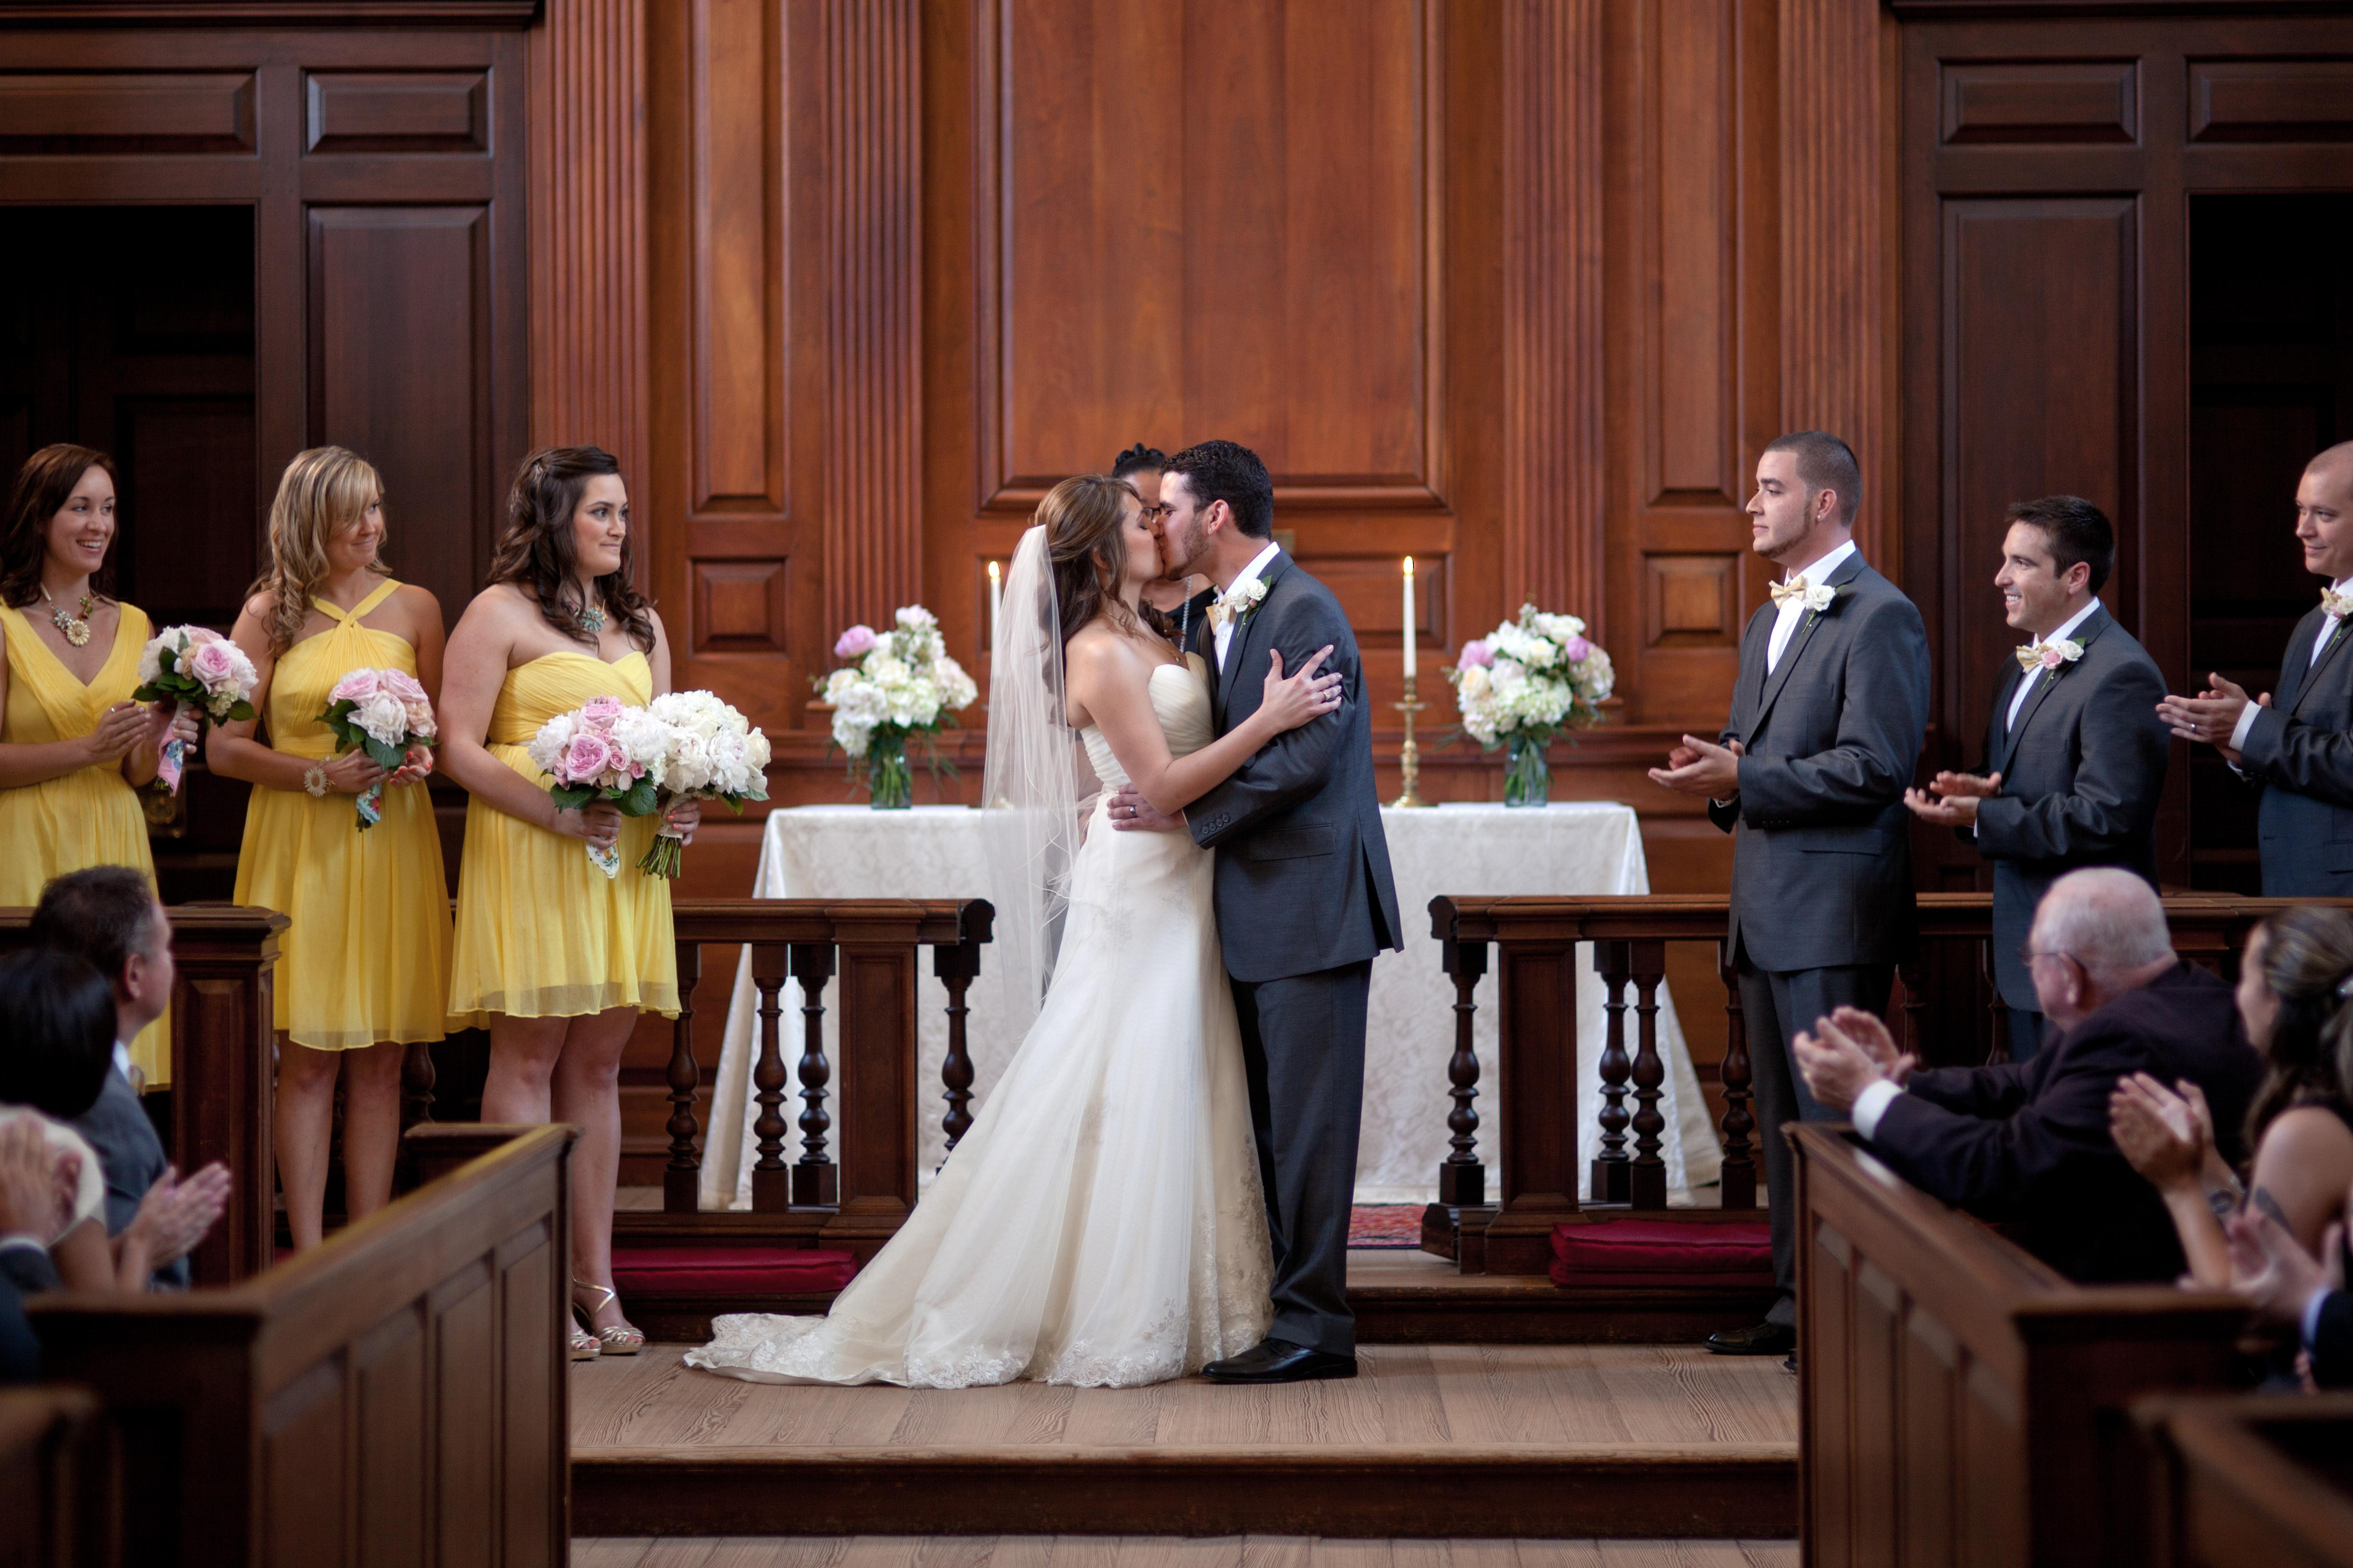 mrs hawk wedding kiss